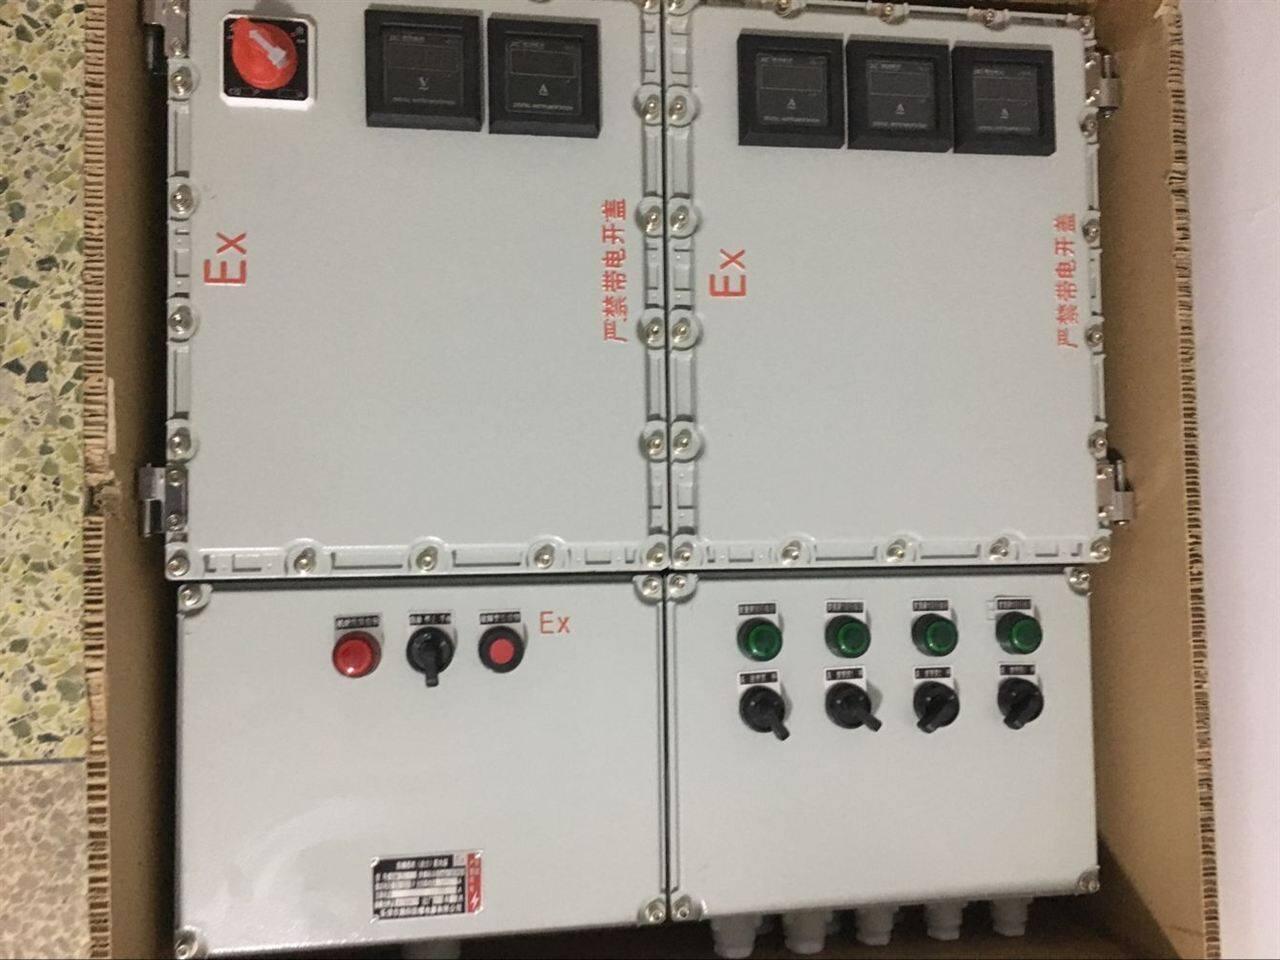 双电源在防爆控制箱 双电源自动切换开关(仅有可自投自复)对两路电源